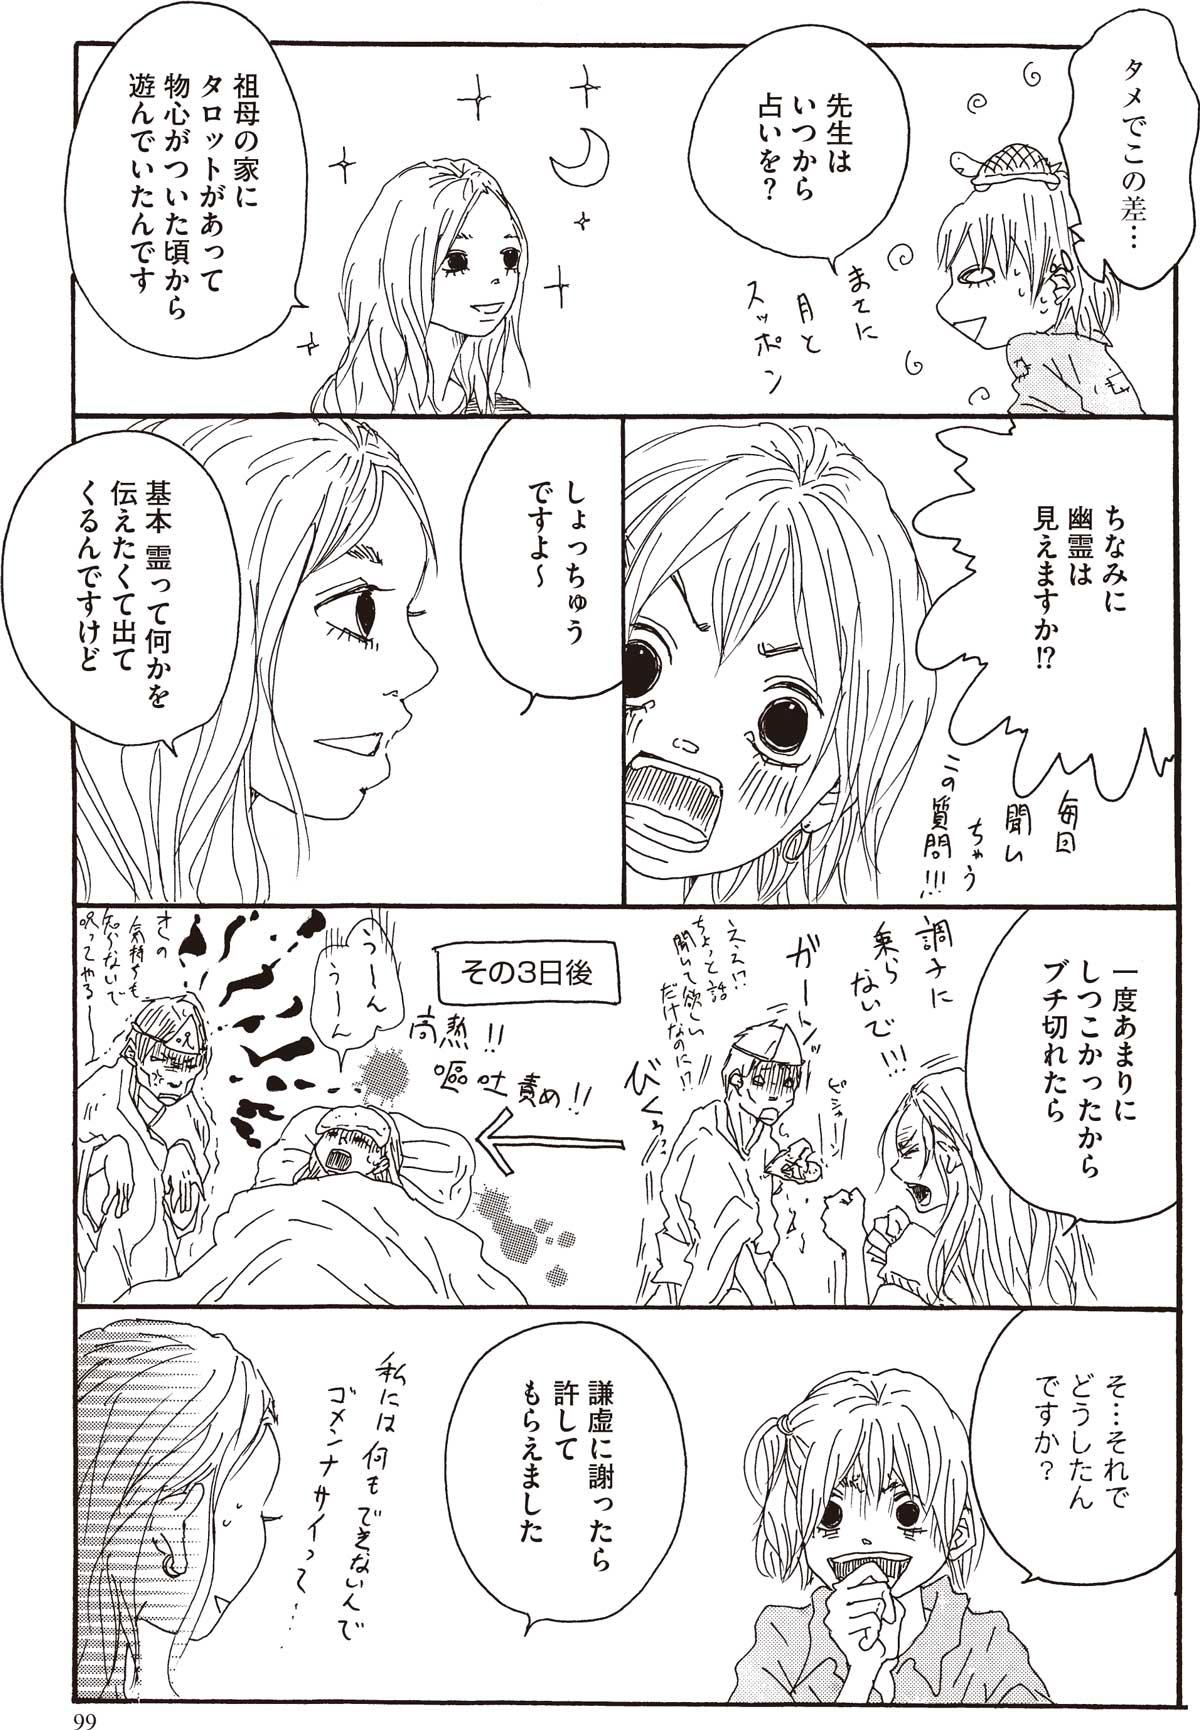 愛野真琴先生漫画2